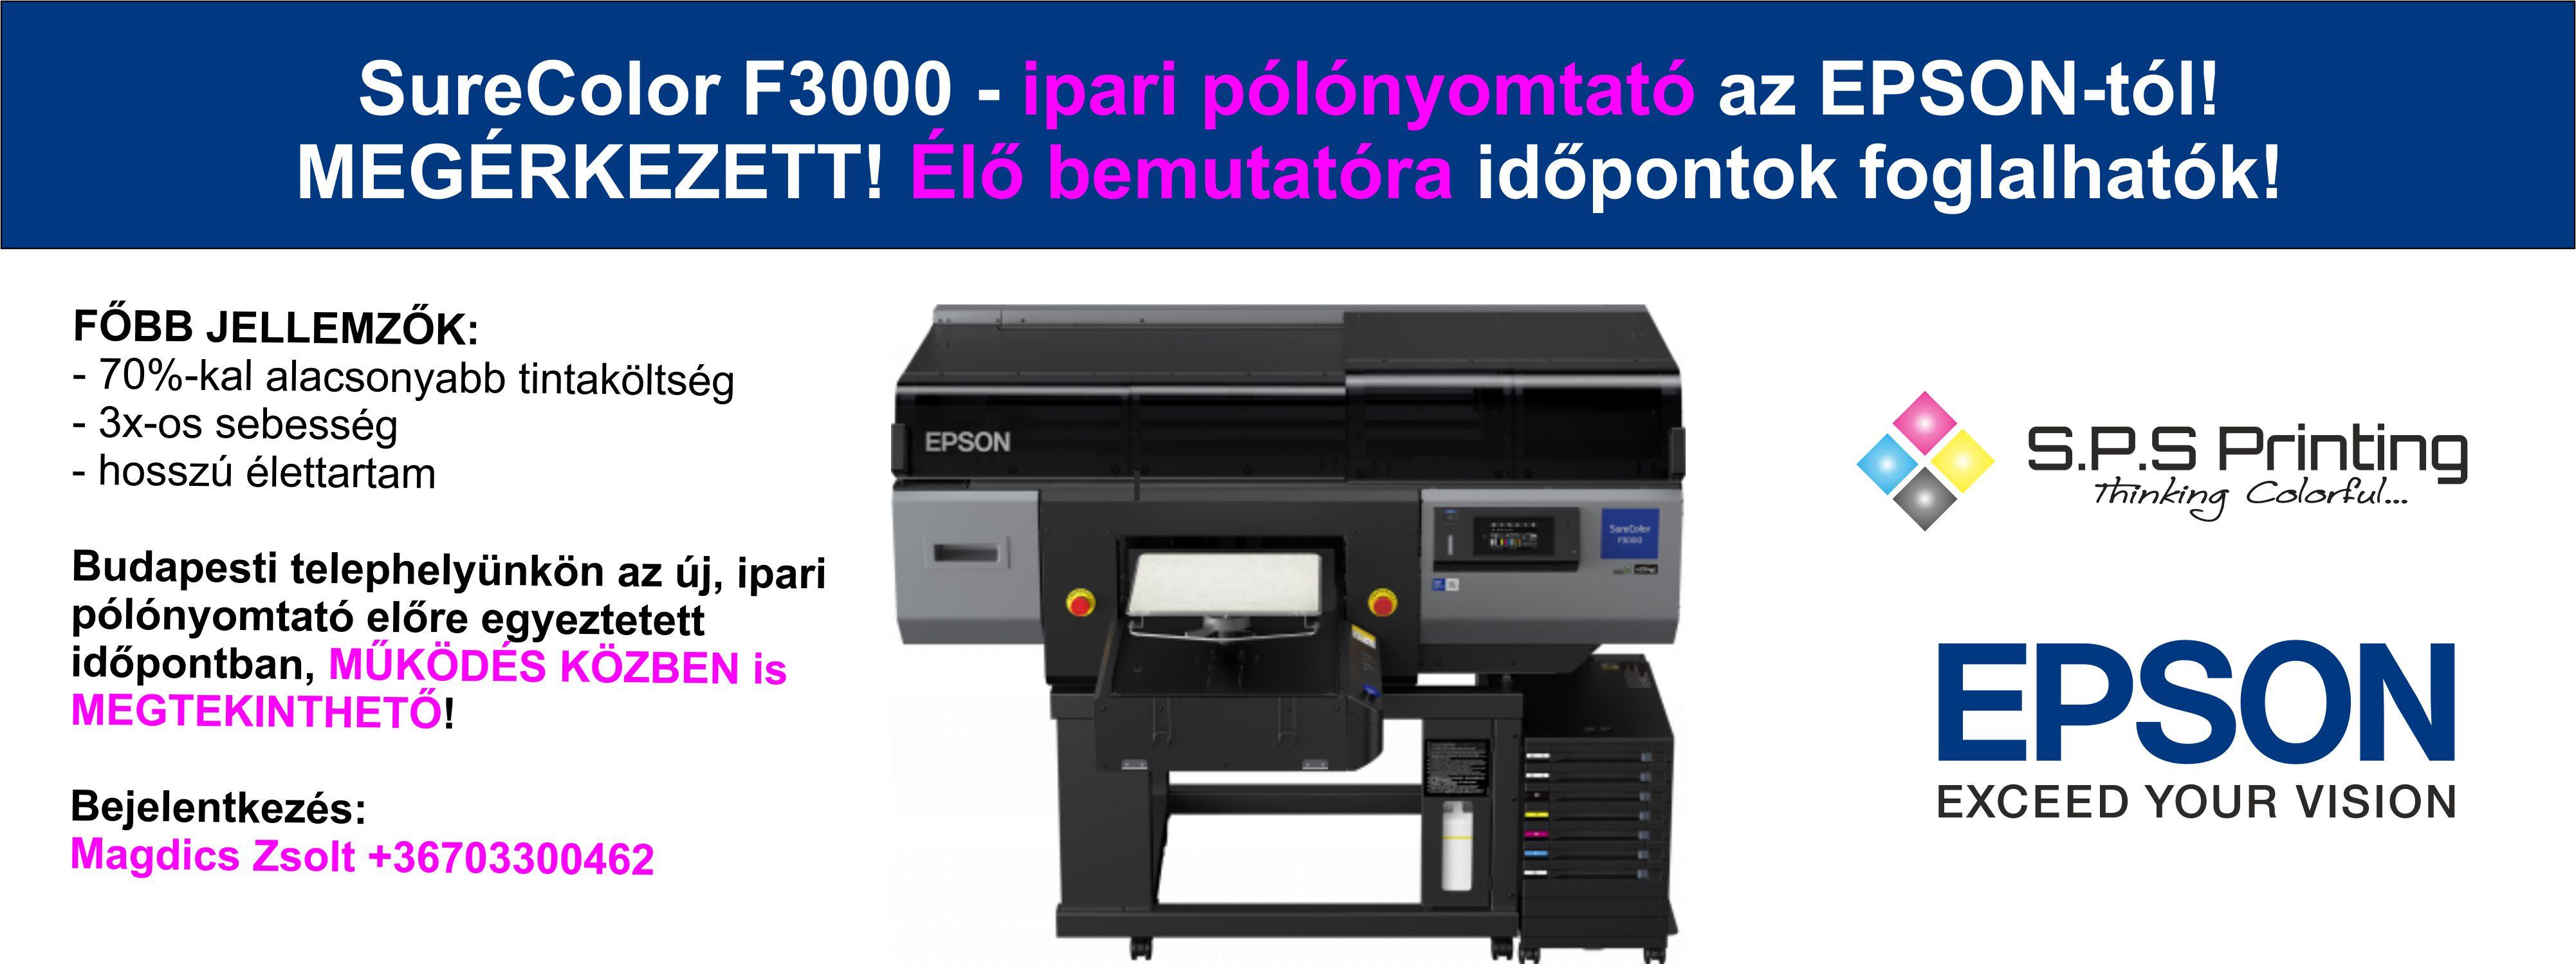 EPSON SC-F3000 pólónyomtató élő bemutatóra időpontok foglalhatók!